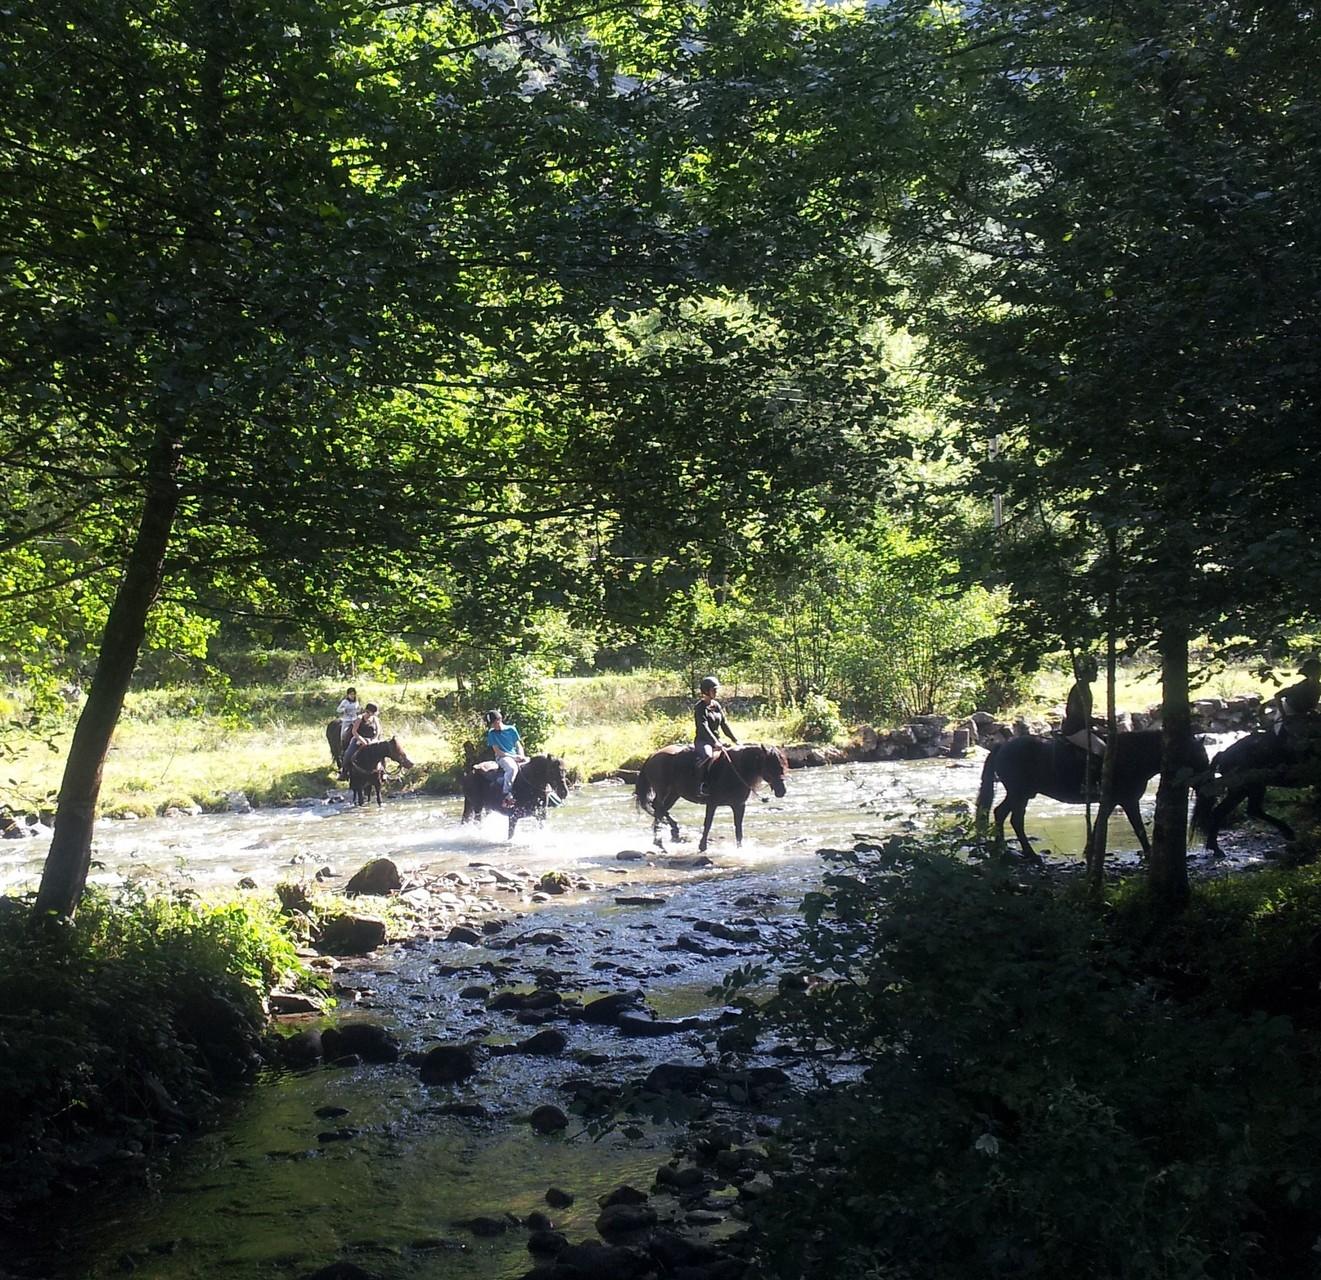 La rivière parcourt la vallée, l'occasion de familiariser les chevaux à l'eau.